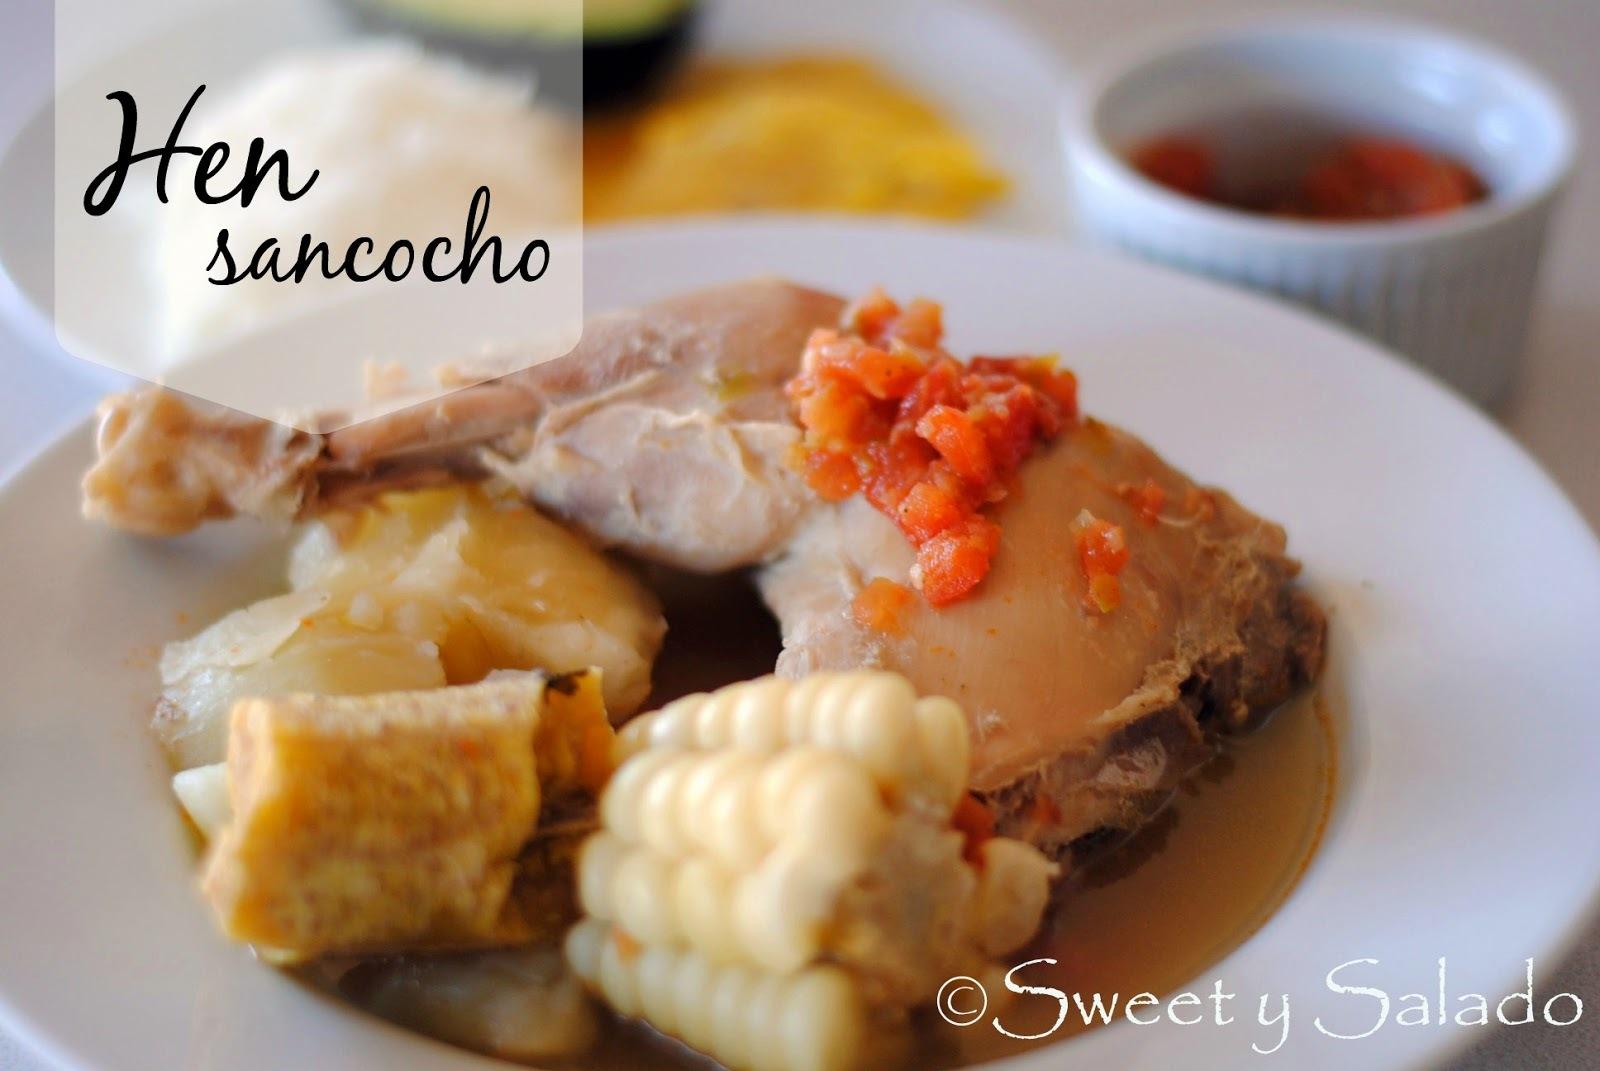 Hen Sancocho